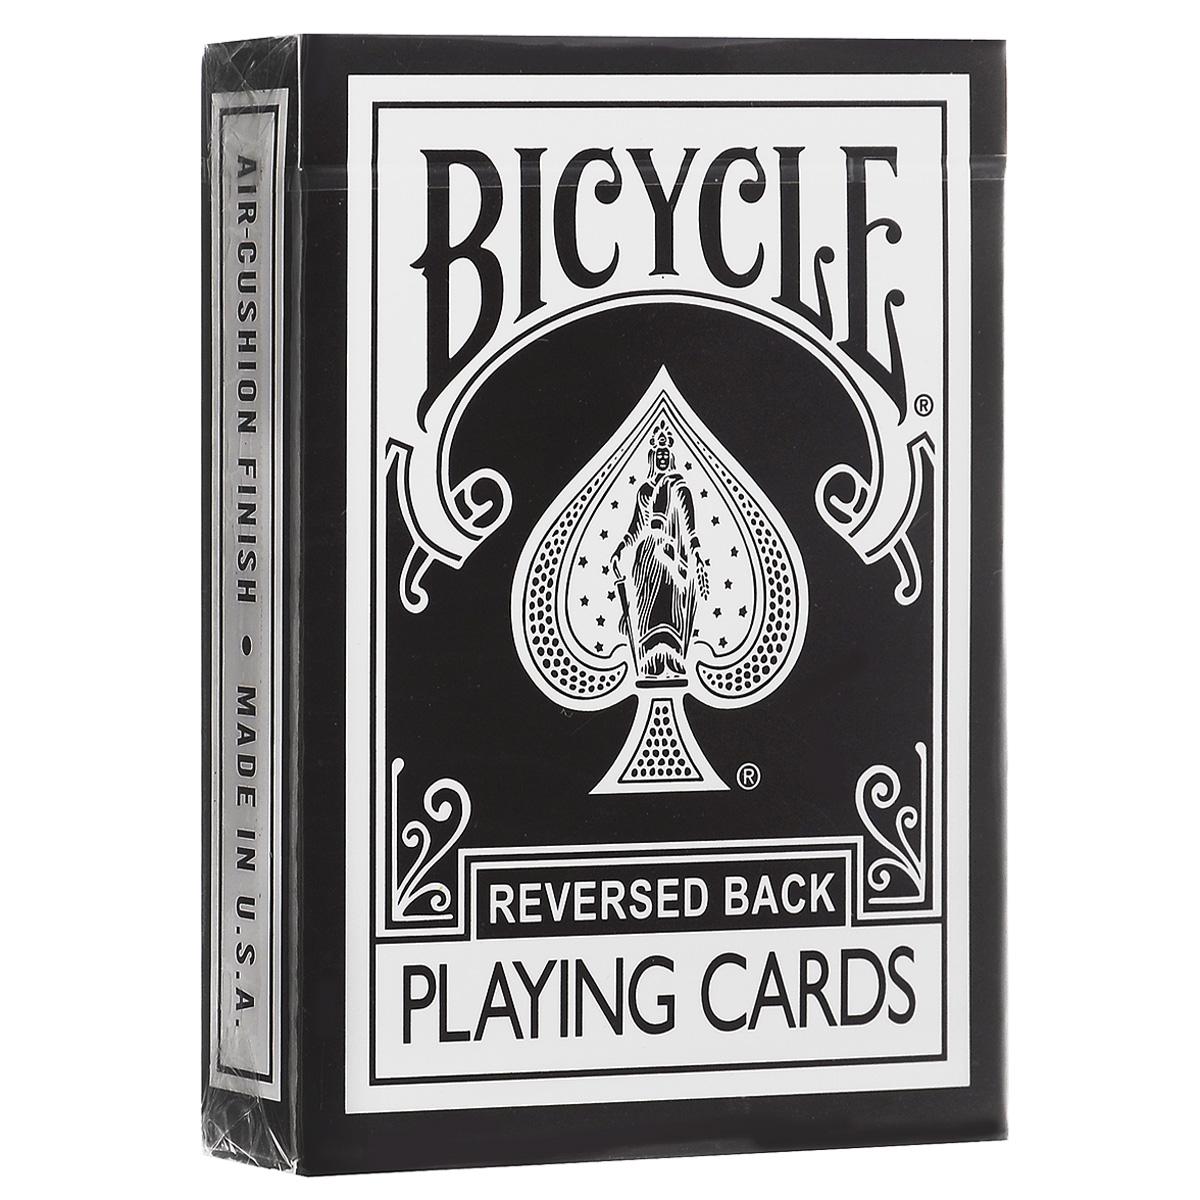 Карты игральные Bicycle Reversed Back, цвет: черныйК-223Игральные карты Bicycle Reversed Back станут прекрасным подарком для всех любителей карточных игр. Карты этой оригинальной колоды имеют стильный и реалистичный старинный вид. Такие карты подходят для фокусов, покера и любых других карточных игр. Идеальный вариант как для новичков, так и для профессионалов. Кроме 52 стандартных карт в этой колоде вы найдете 4 дополнительных специальных карты, которые вознесут вас к вершинам мастерства.